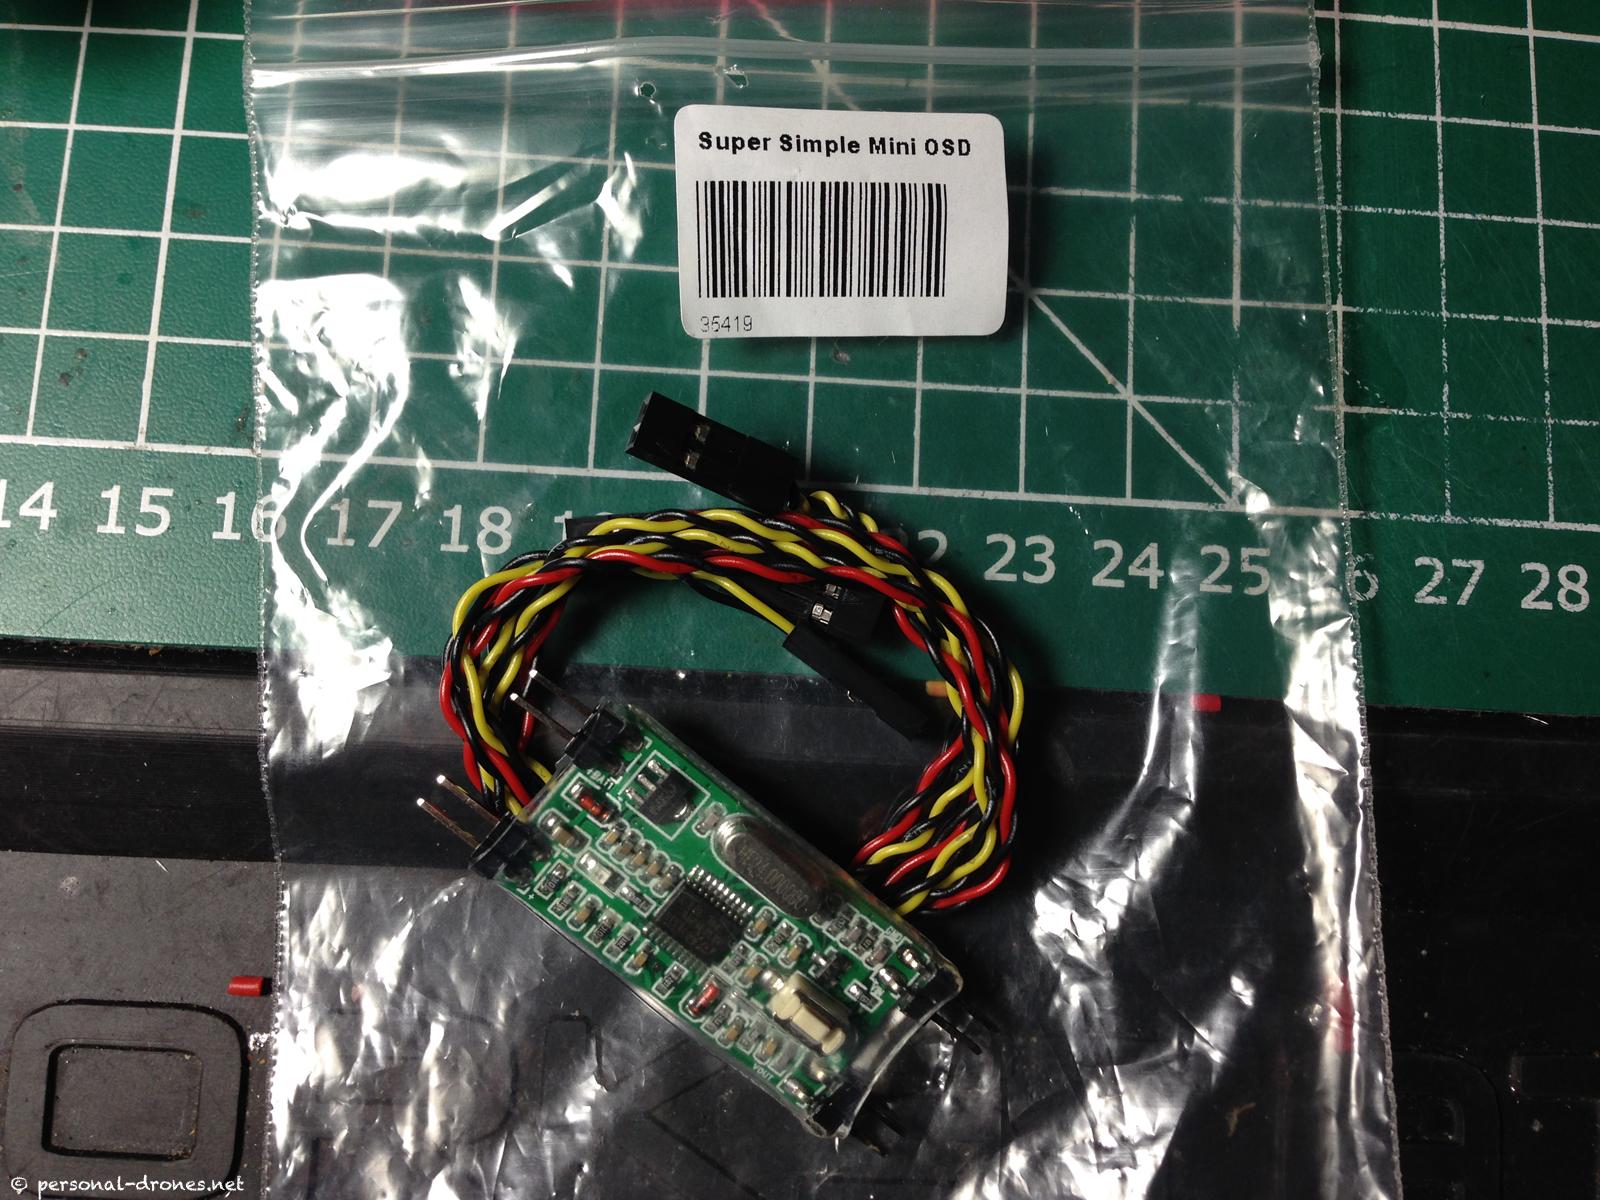 Super simple mini OSD